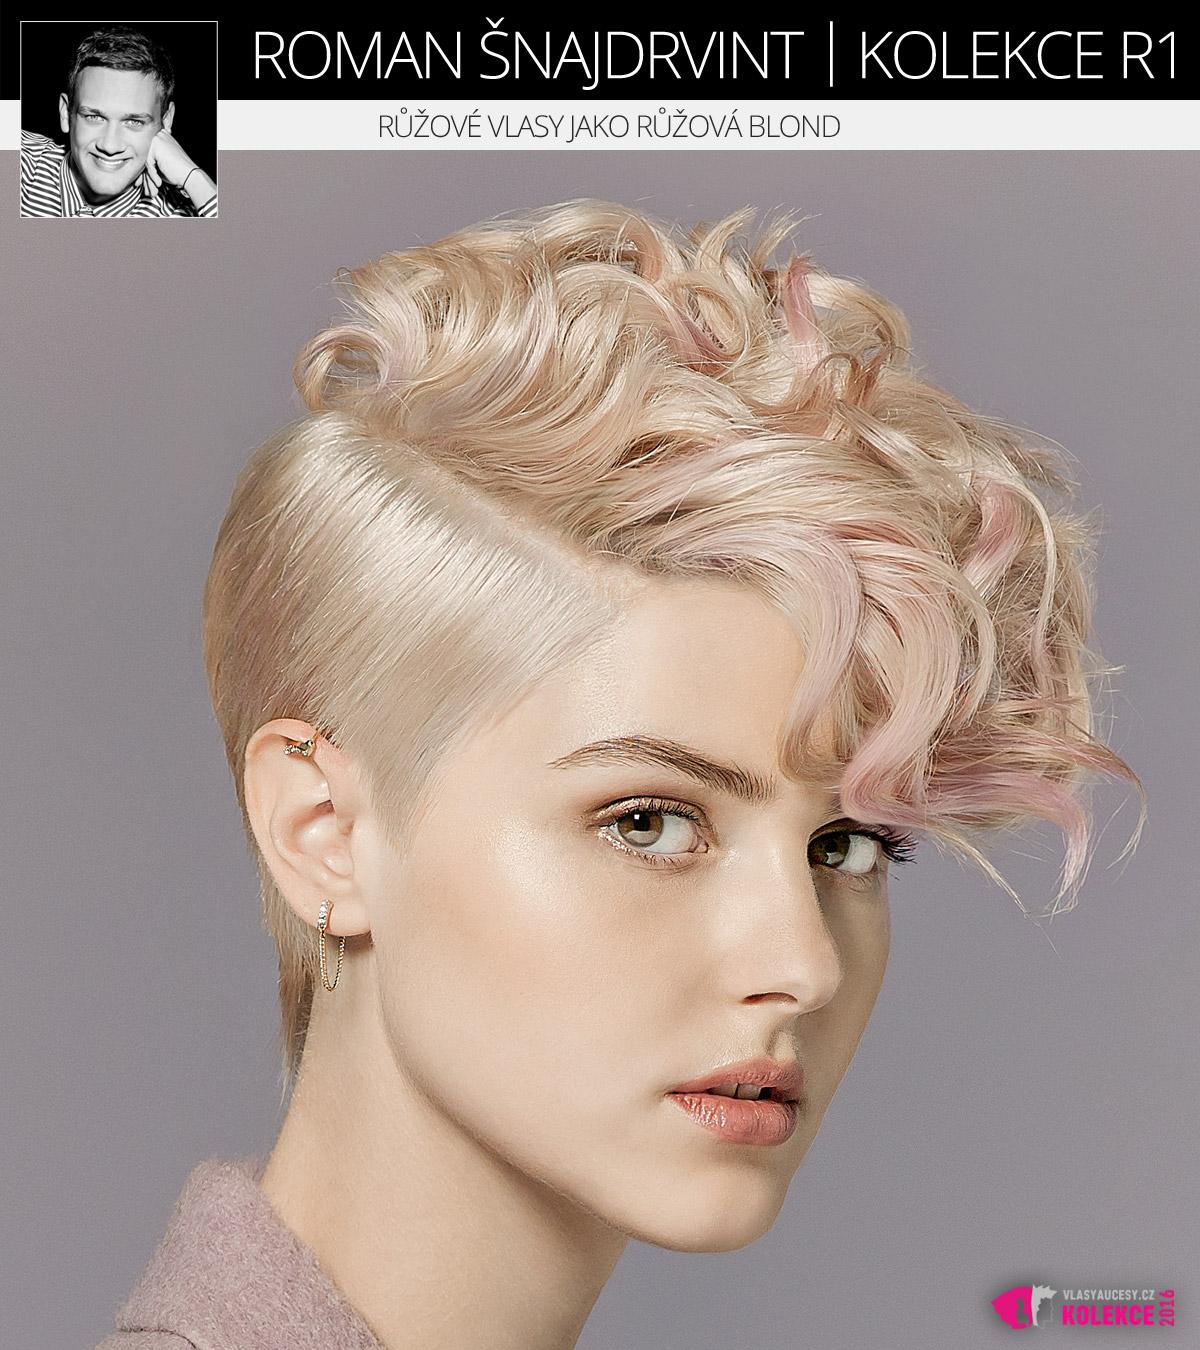 Módní blond střih s akcenty módní růžové barvy na vlasy. (Roman Šnajdrvint, kolekce účesů R1.)